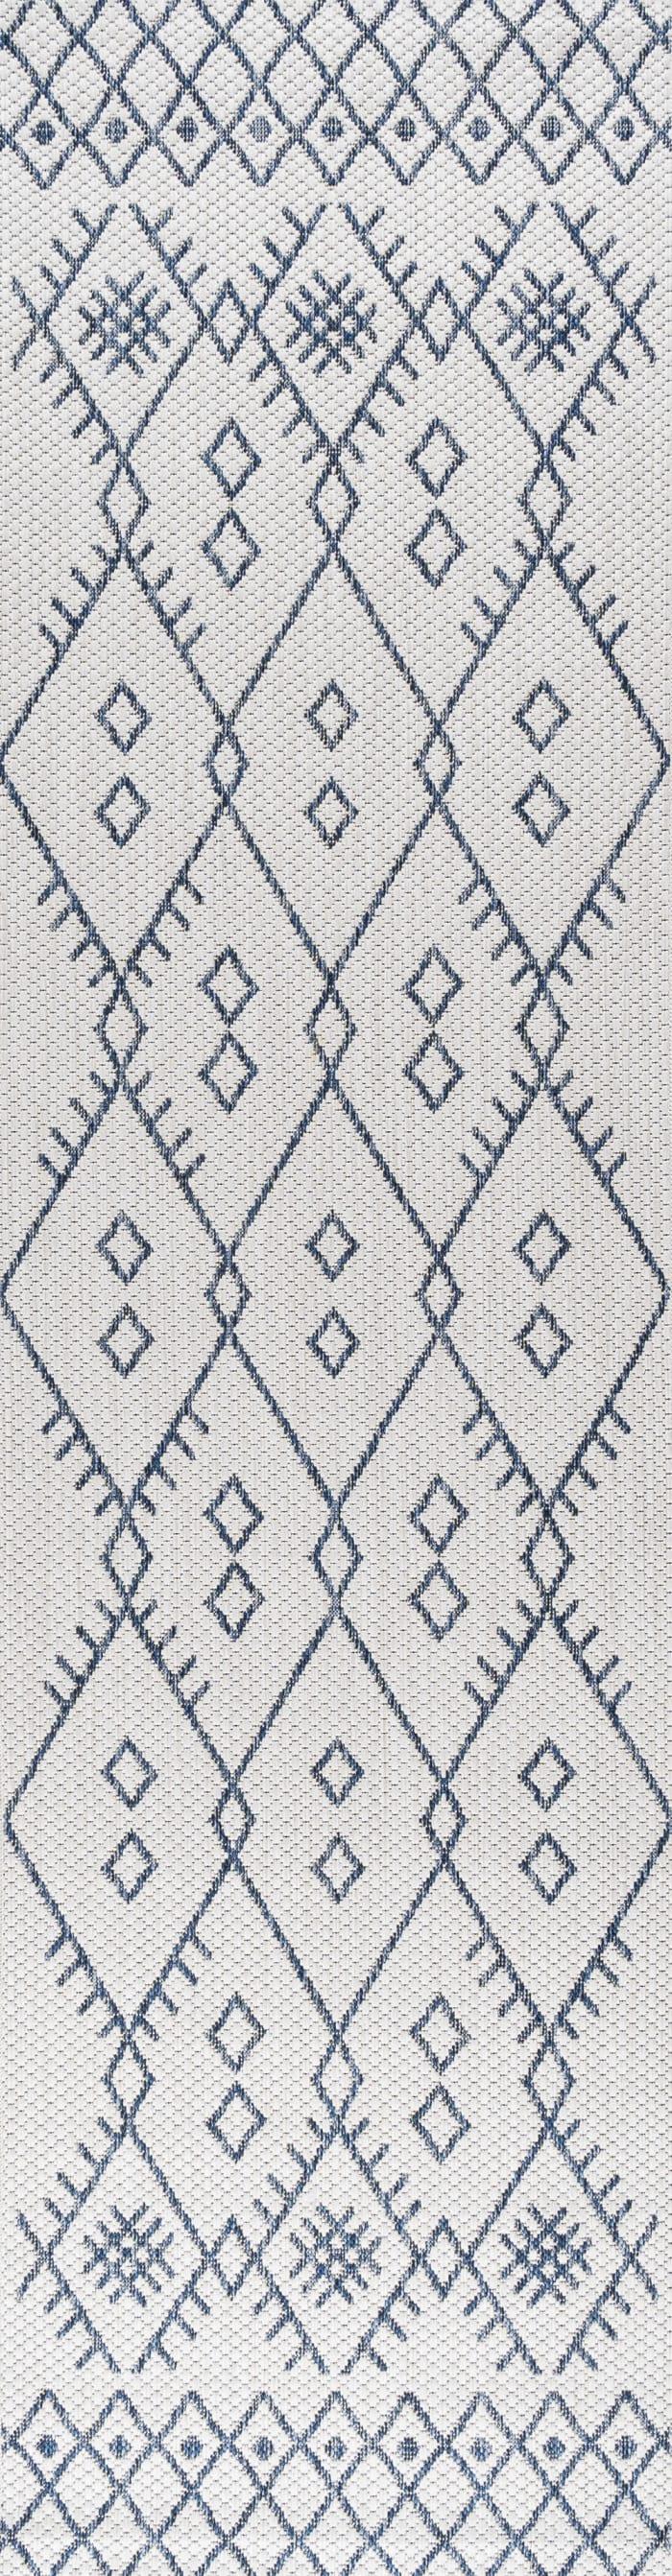 Moroccan Outdoor Ivory/Navy 2.25' x 8' Rectangular Runner Rug